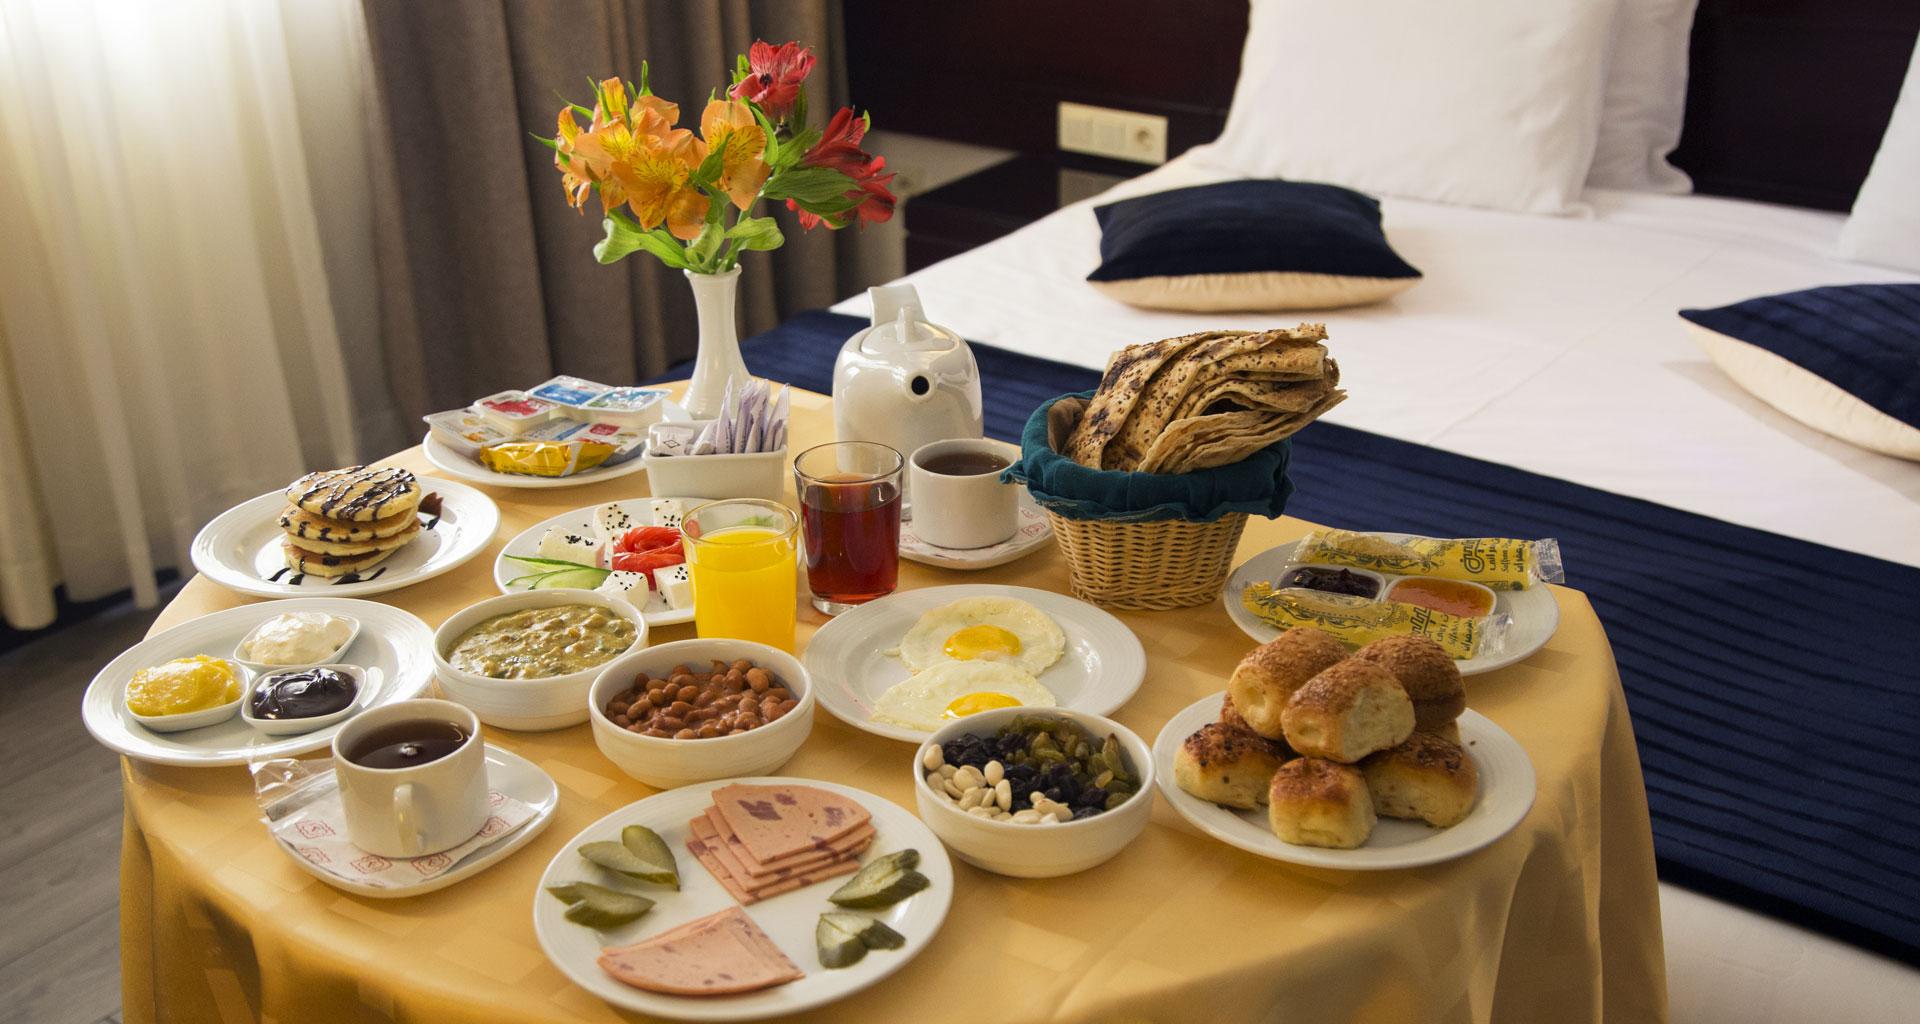 یک صبحانه خوشمزه برای یک روز عالی !